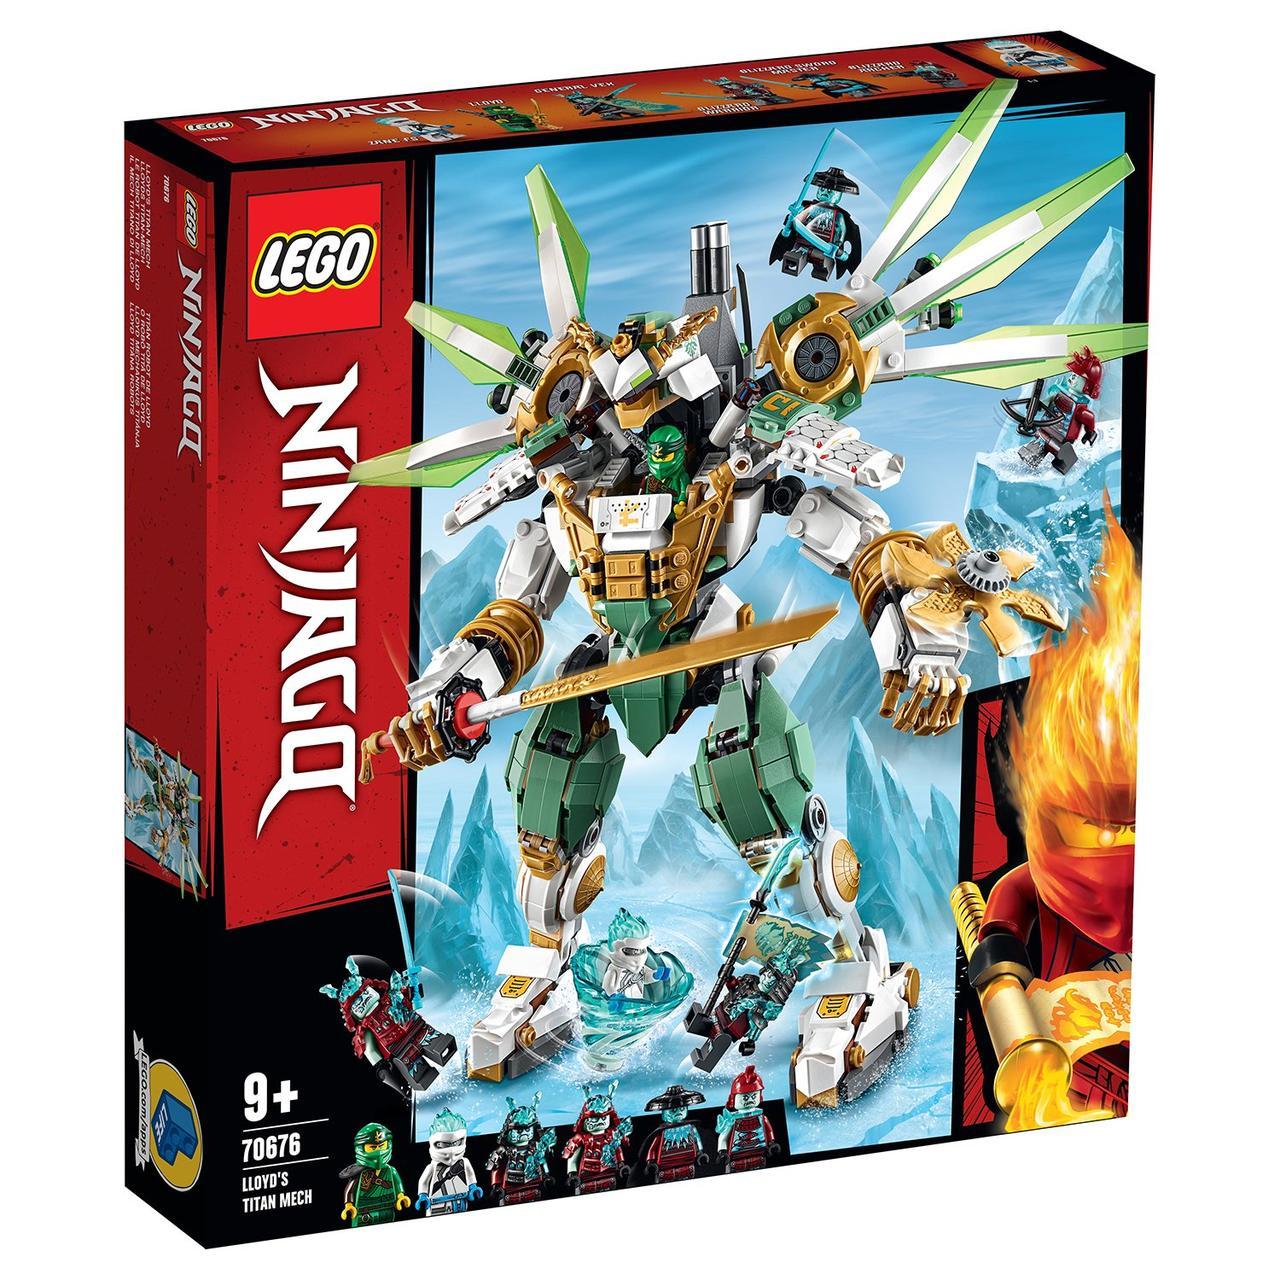 70676 Lego Ninjago Механический Титан Ллойда, Лего Ниндзяго